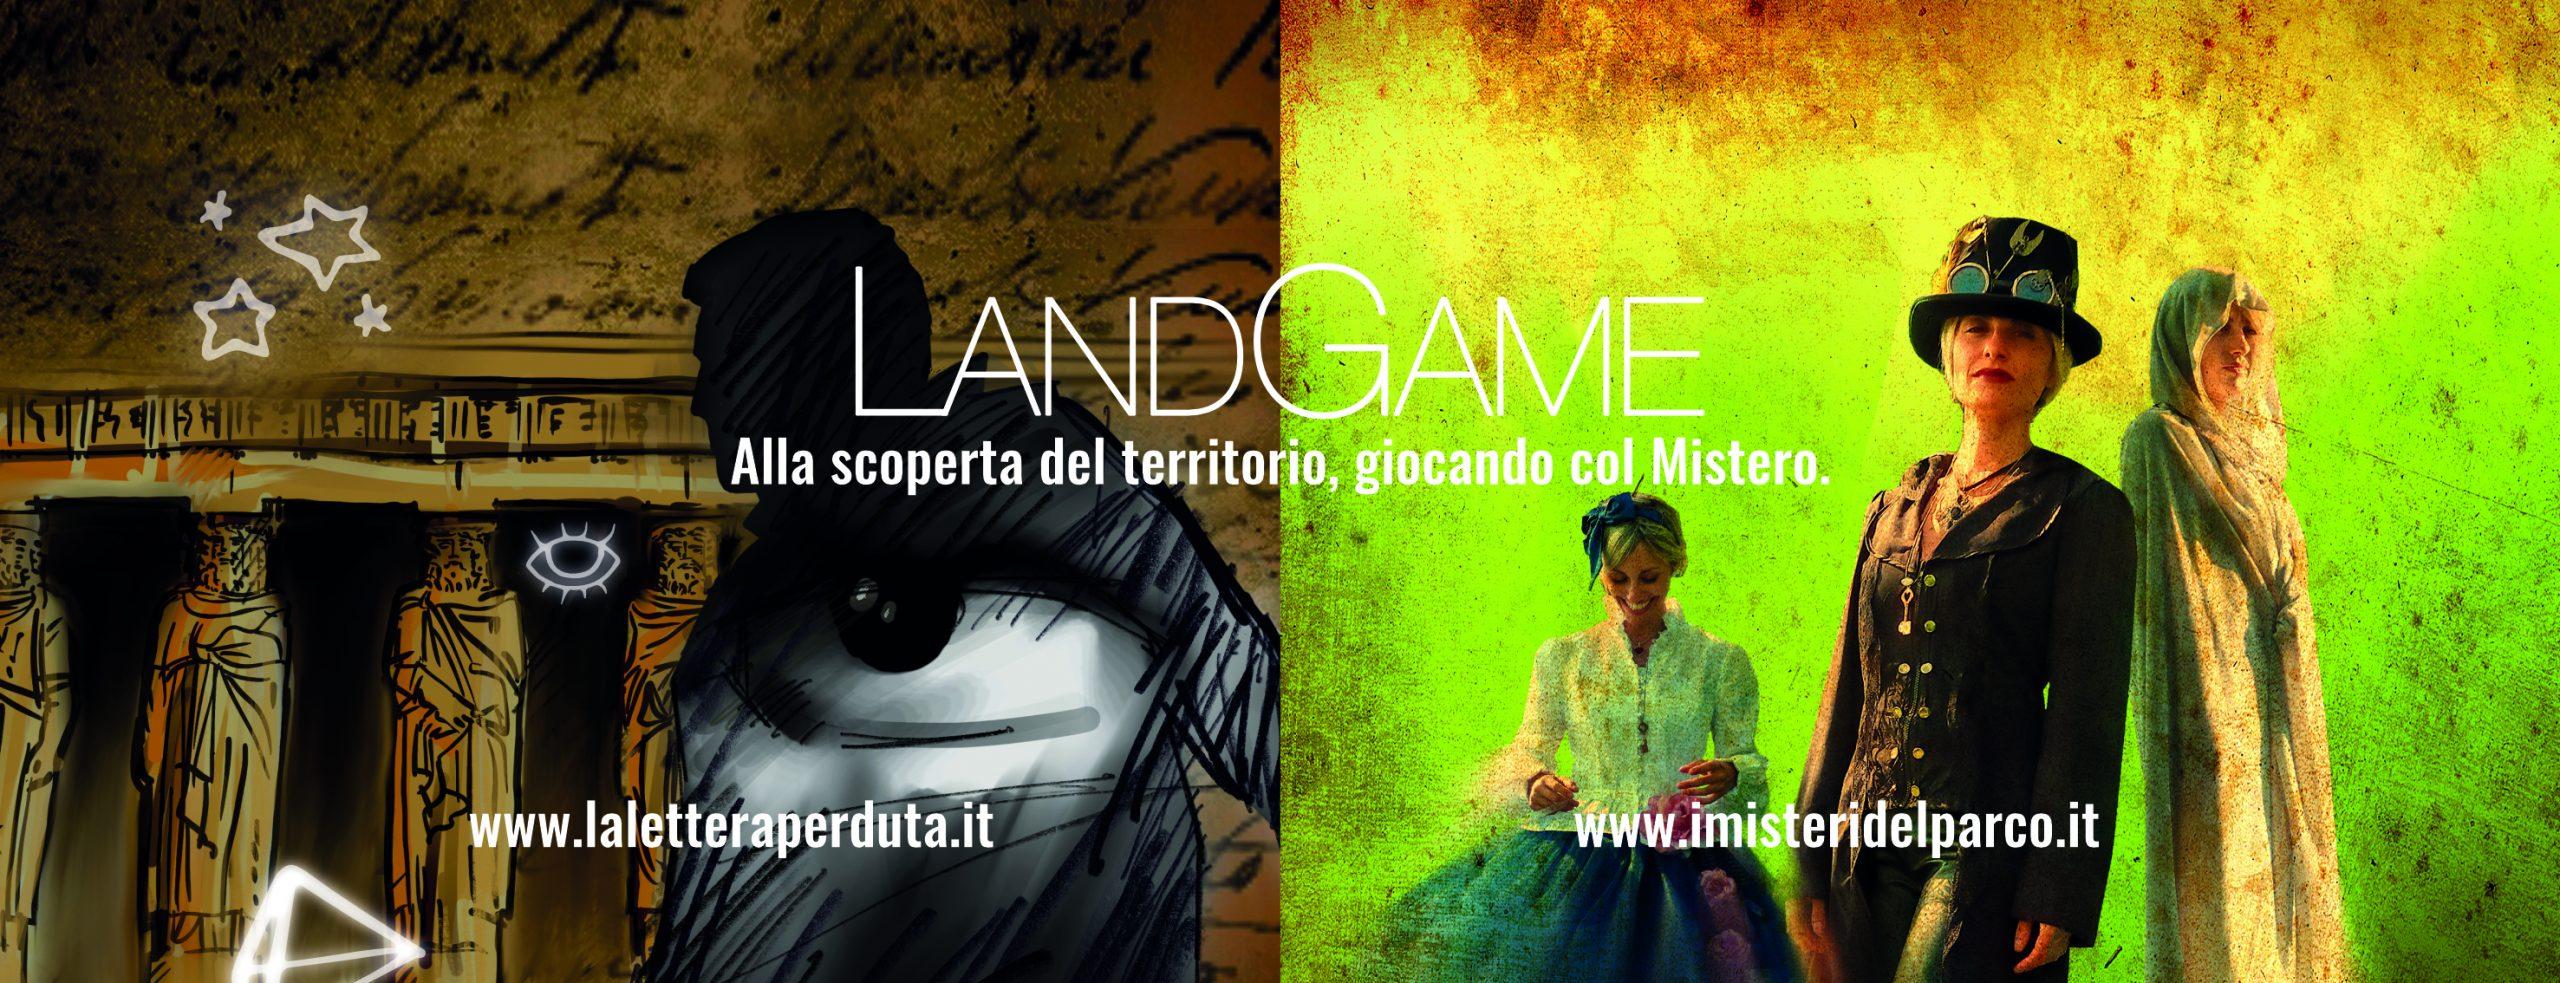 LandGame - Esplorare il Territorio Giocando